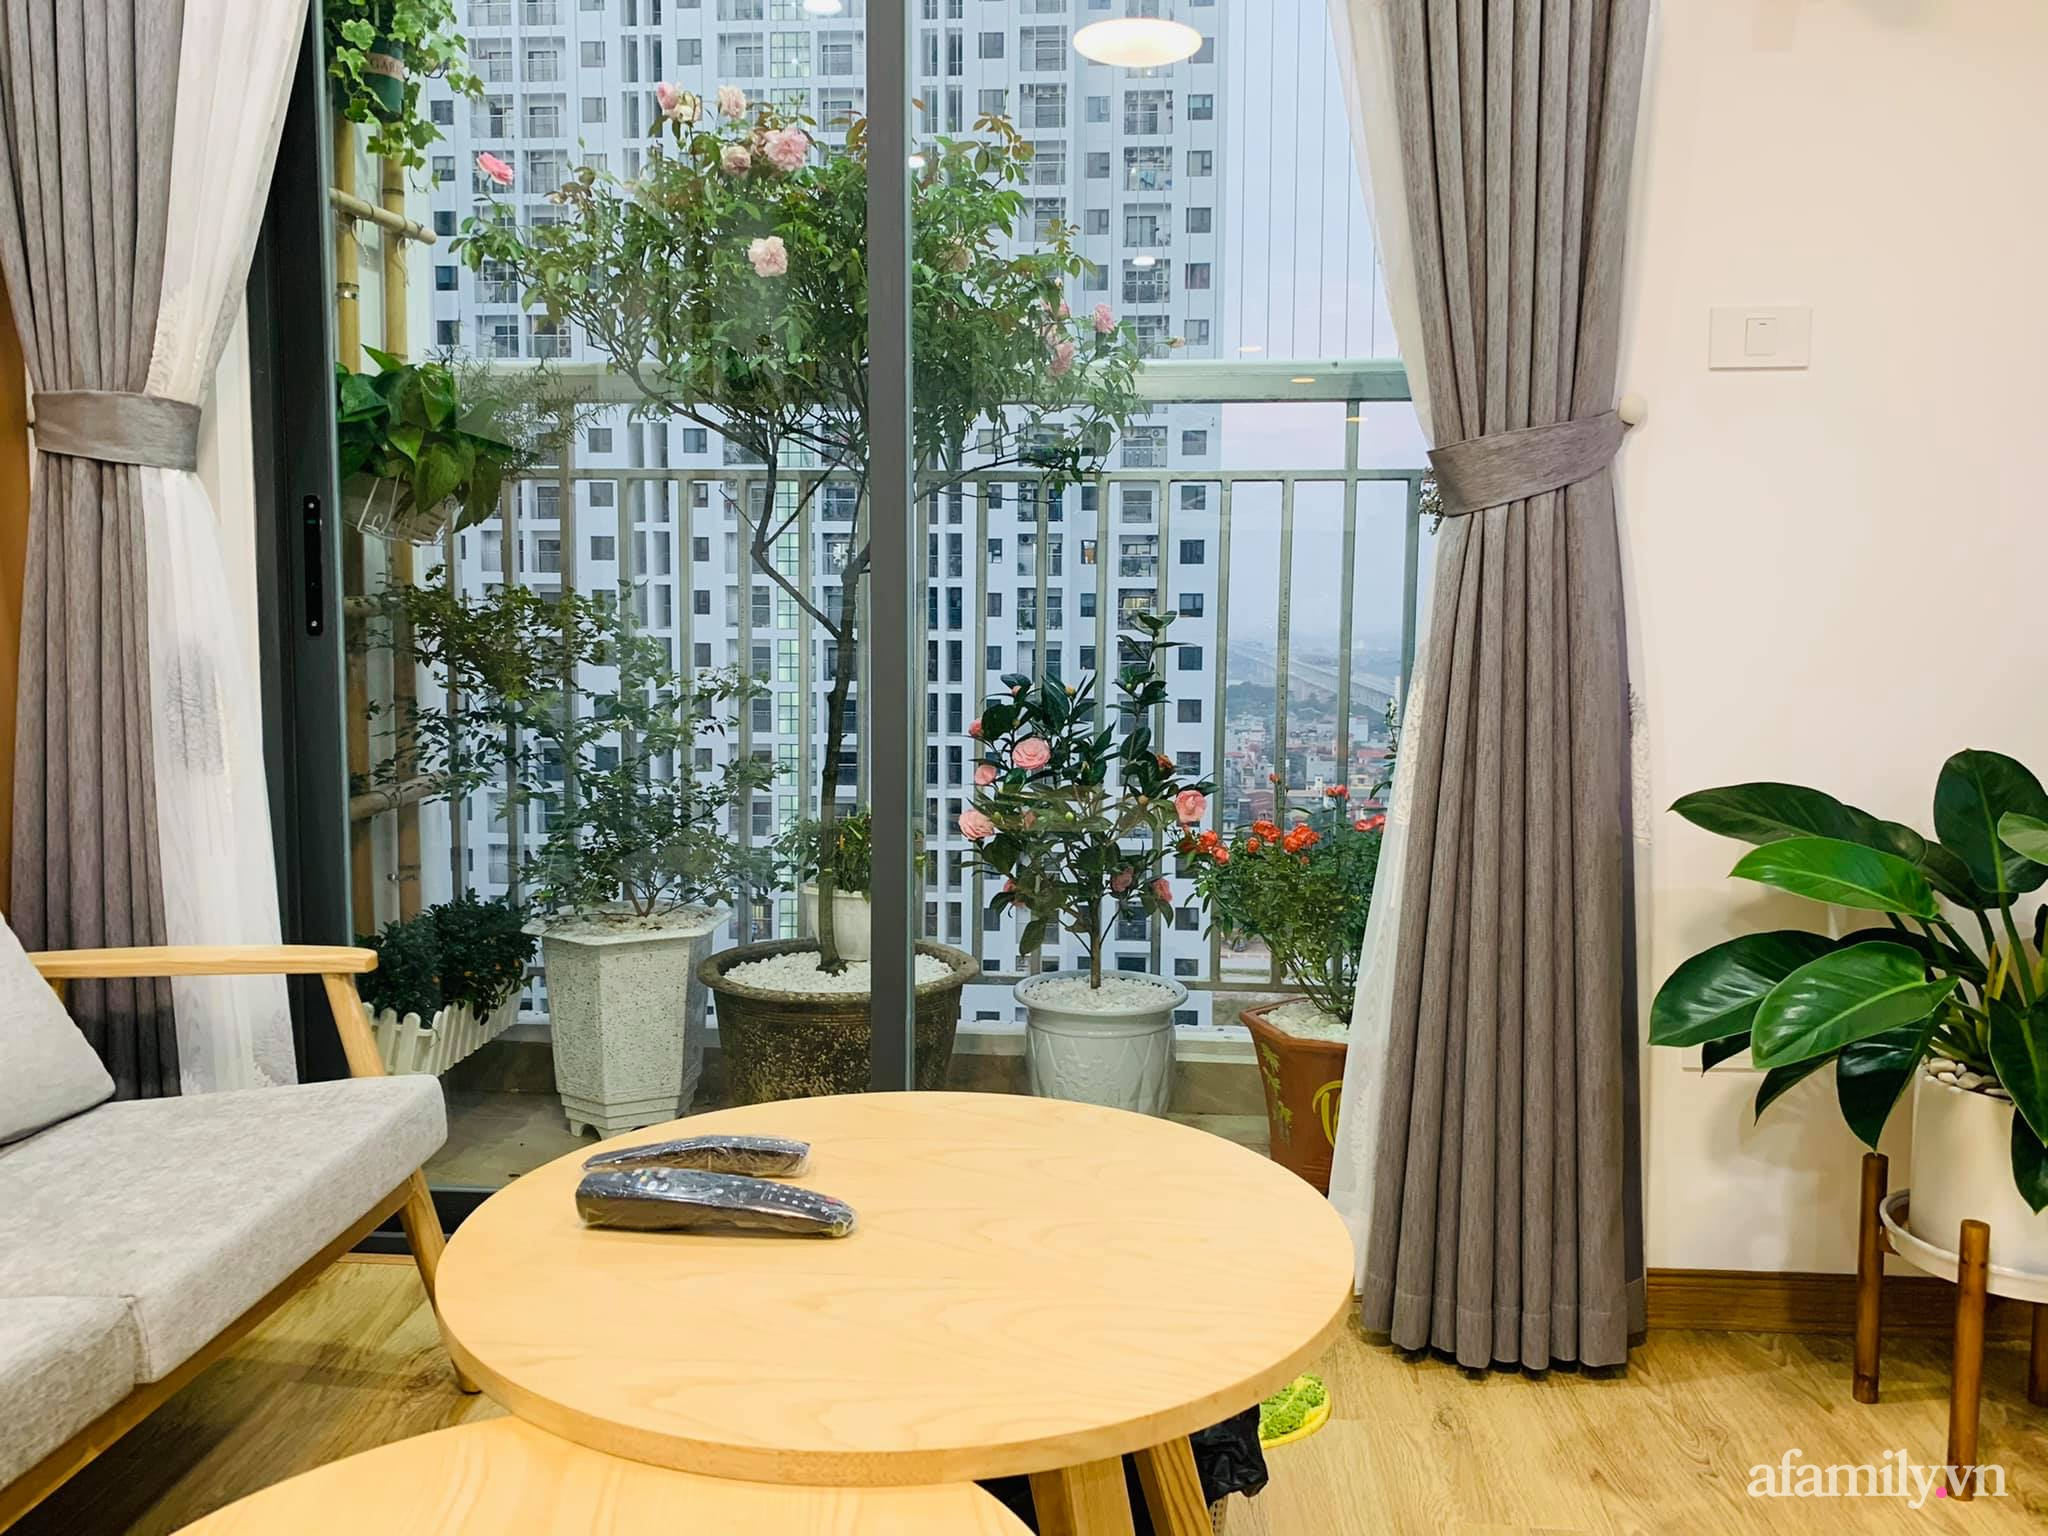 Nhà ở xã hội 69m² siêu ấm áp và tiện ích có chi phí cải tạo 200 triệu đồng của cặp vợ chồng 9X ở Từ Liêm, Hà Nội - Ảnh 6.